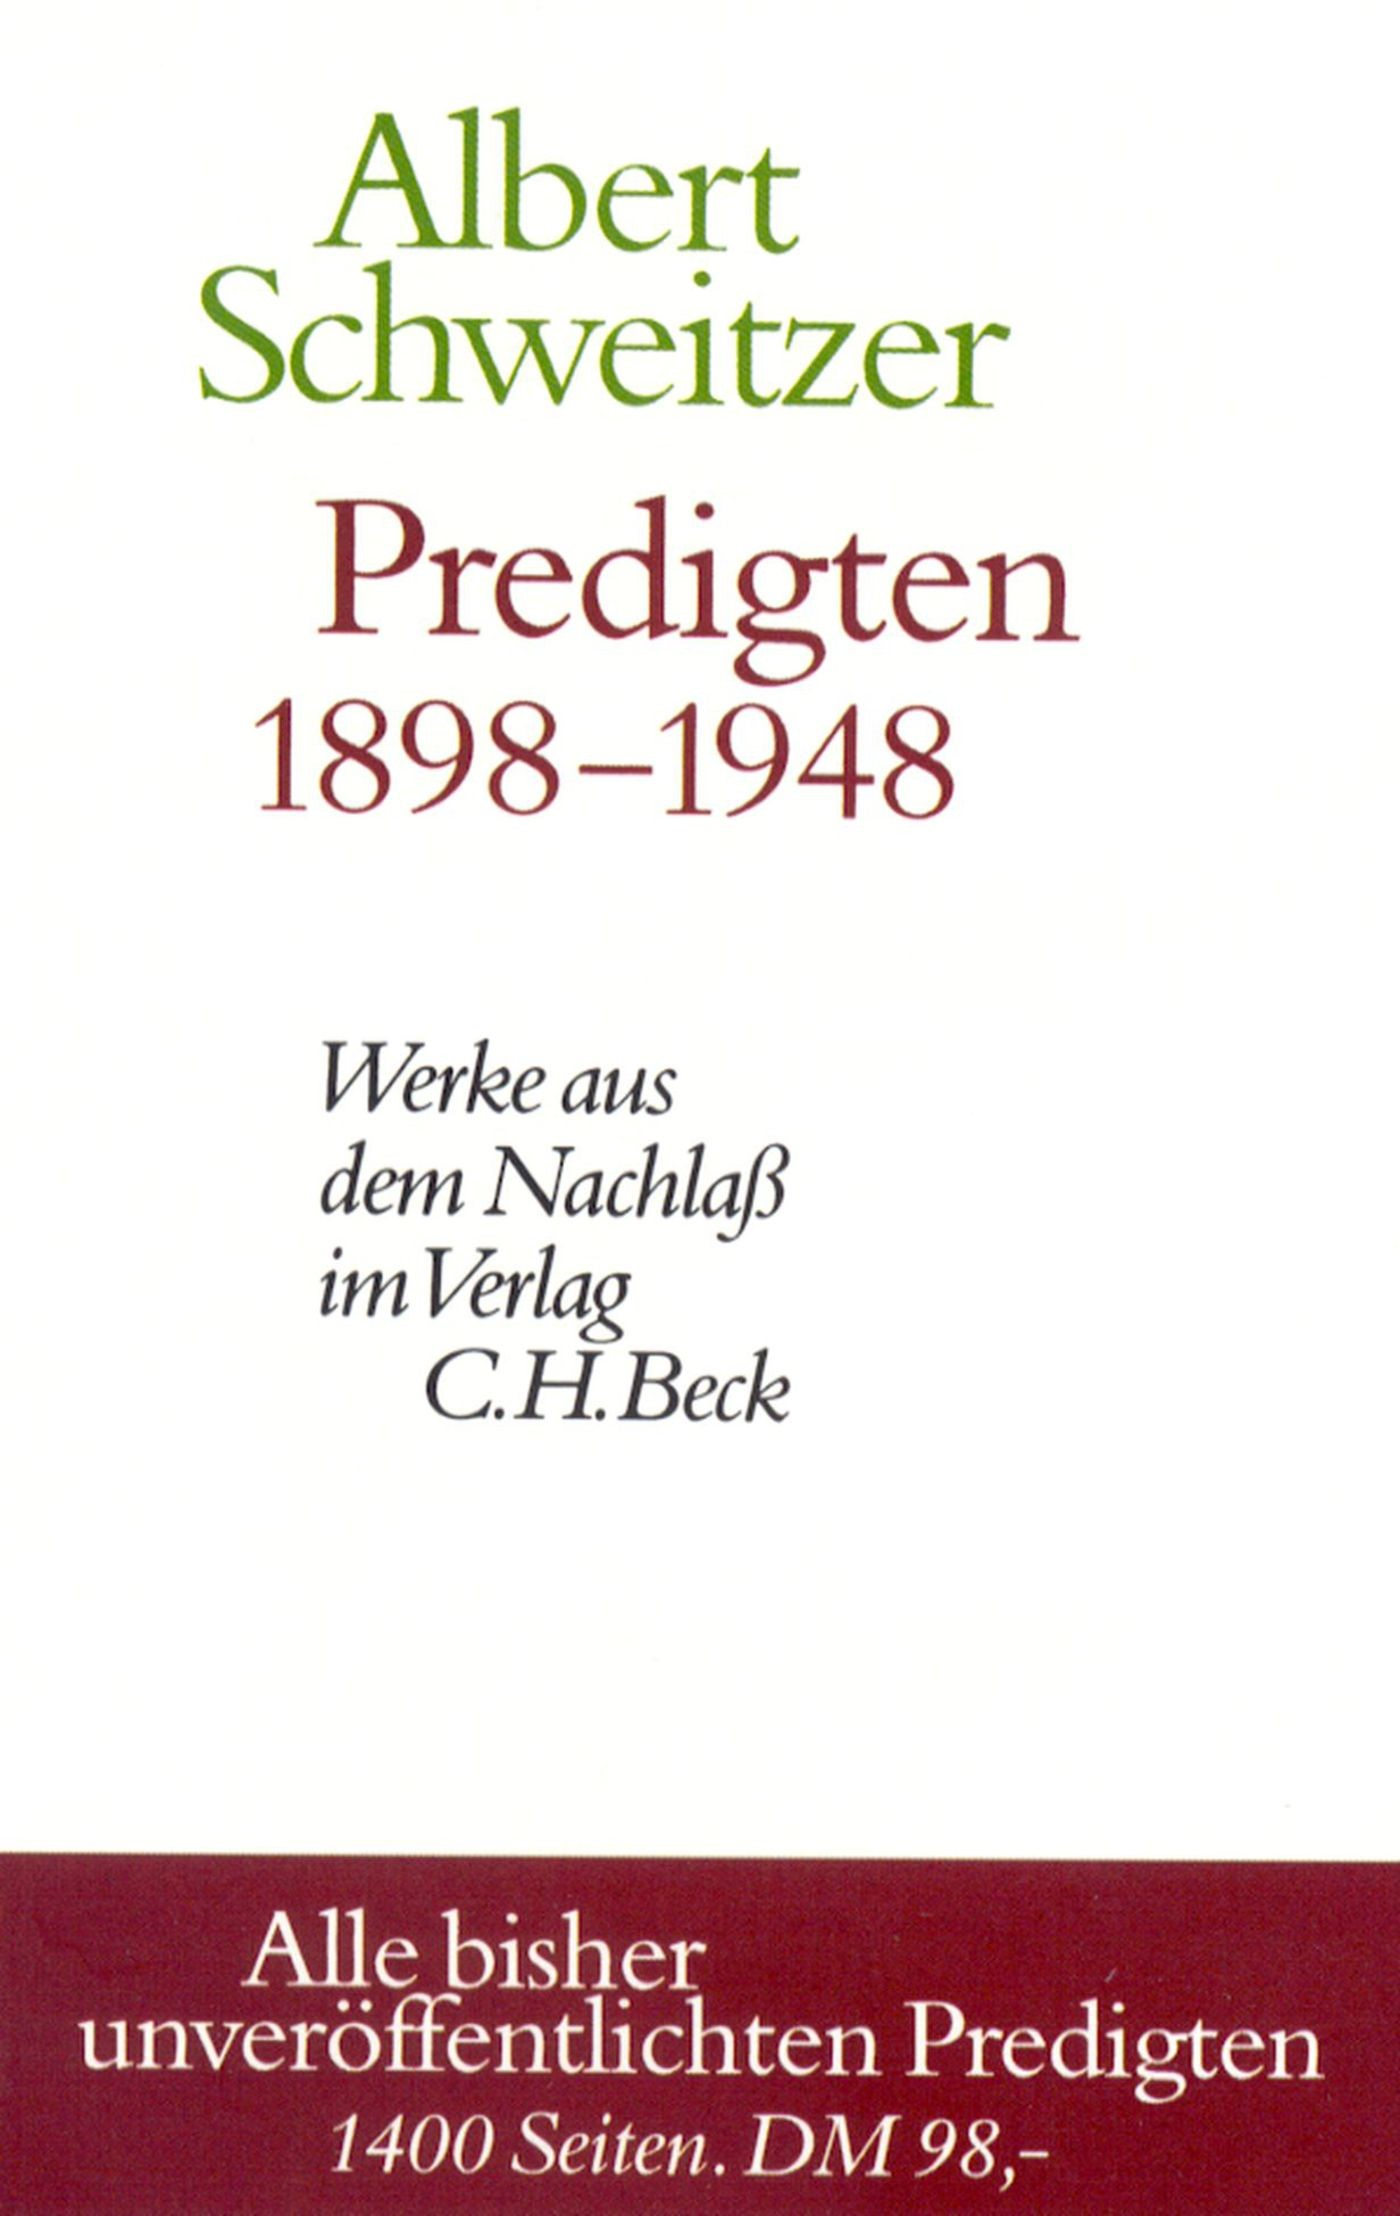 Cover des Buches 'Predigten 1898-1948'